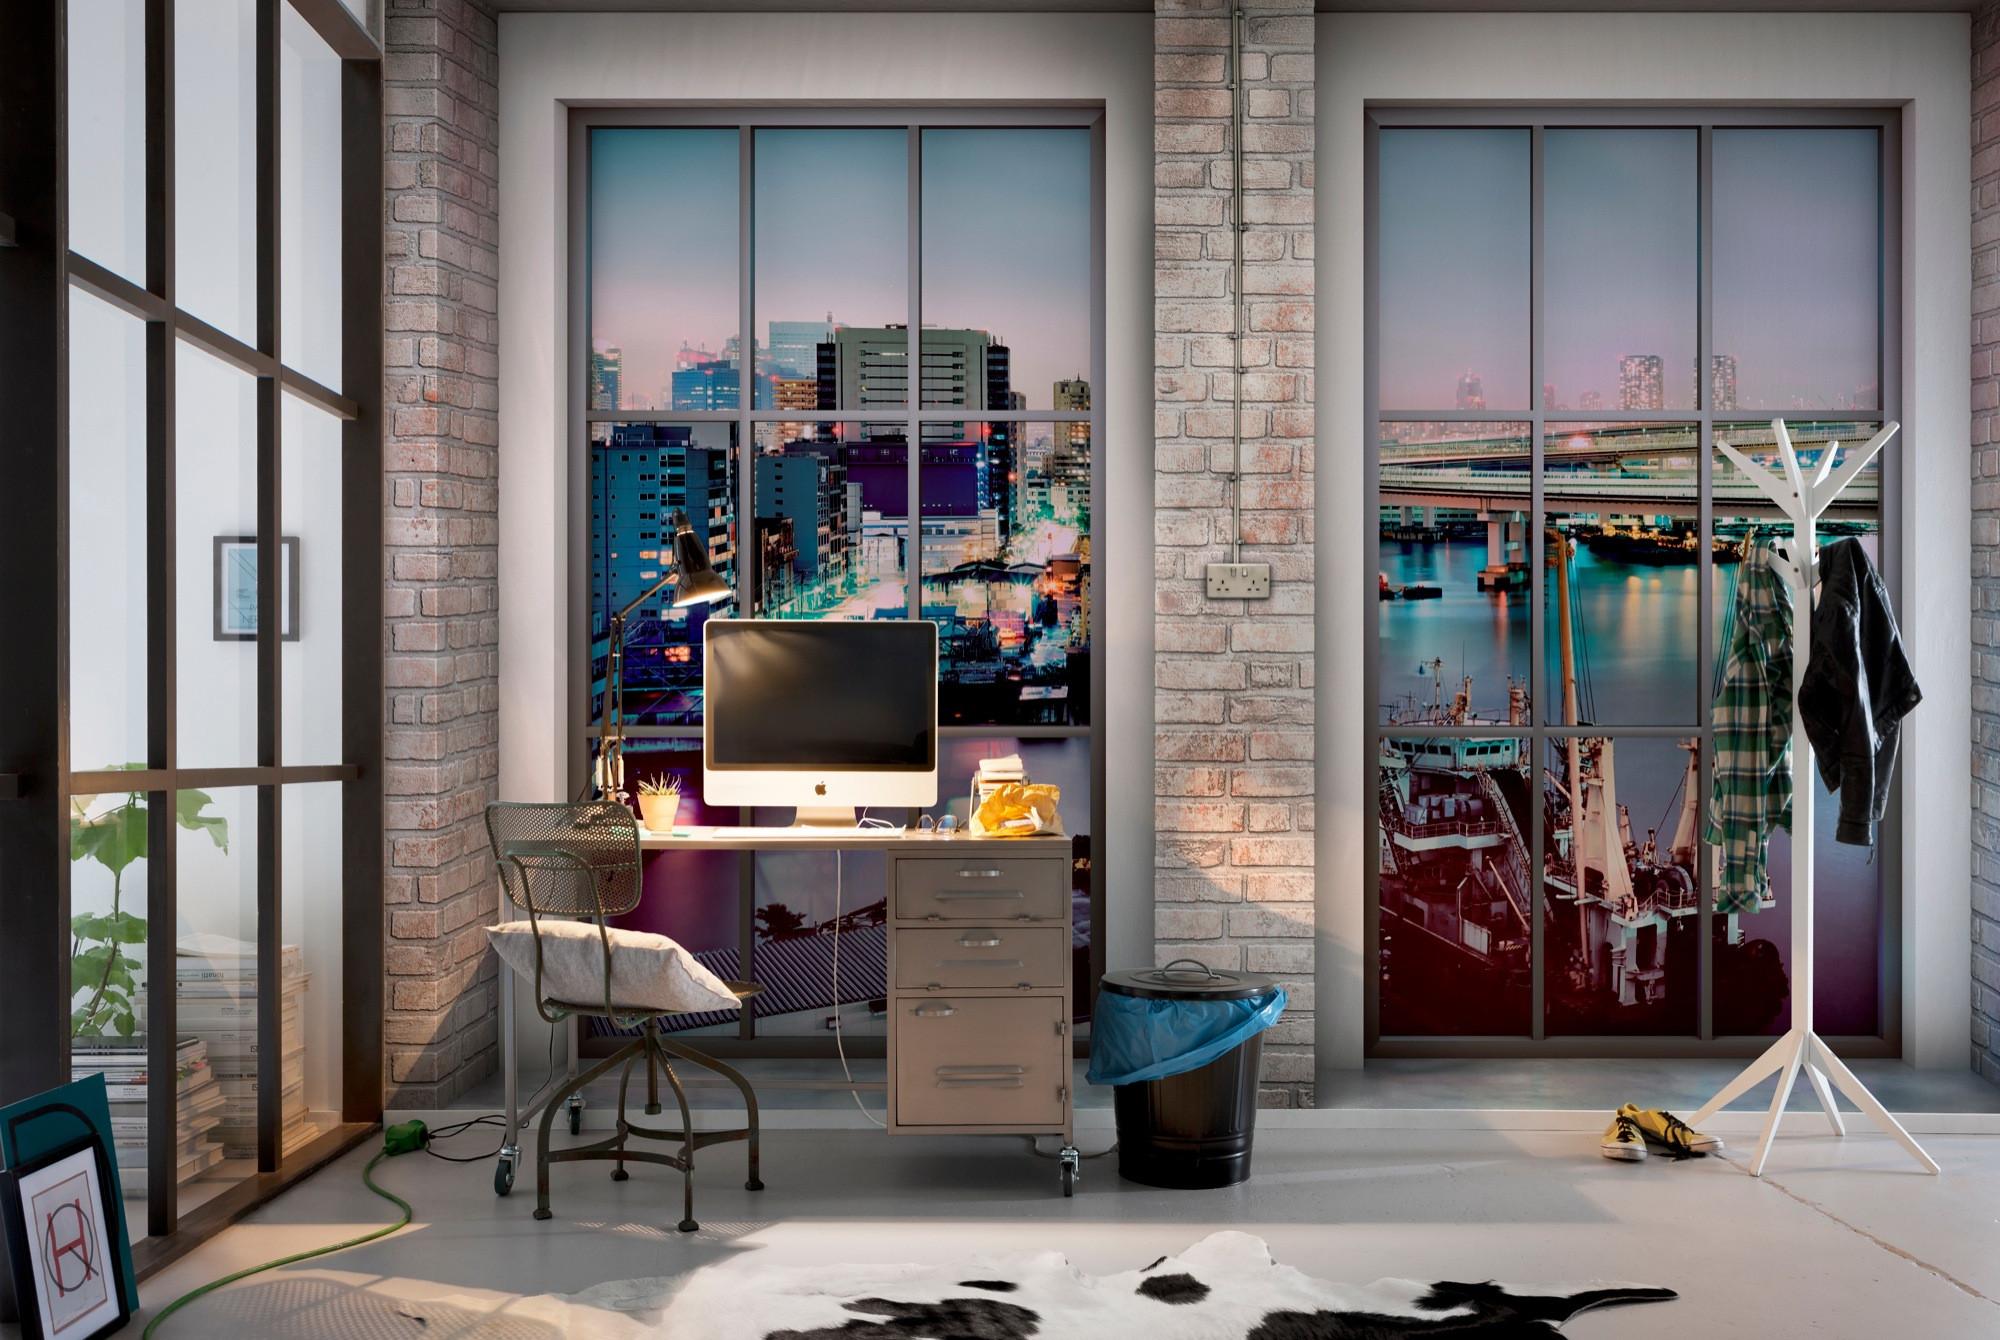 vliestapete loft von komar. Black Bedroom Furniture Sets. Home Design Ideas